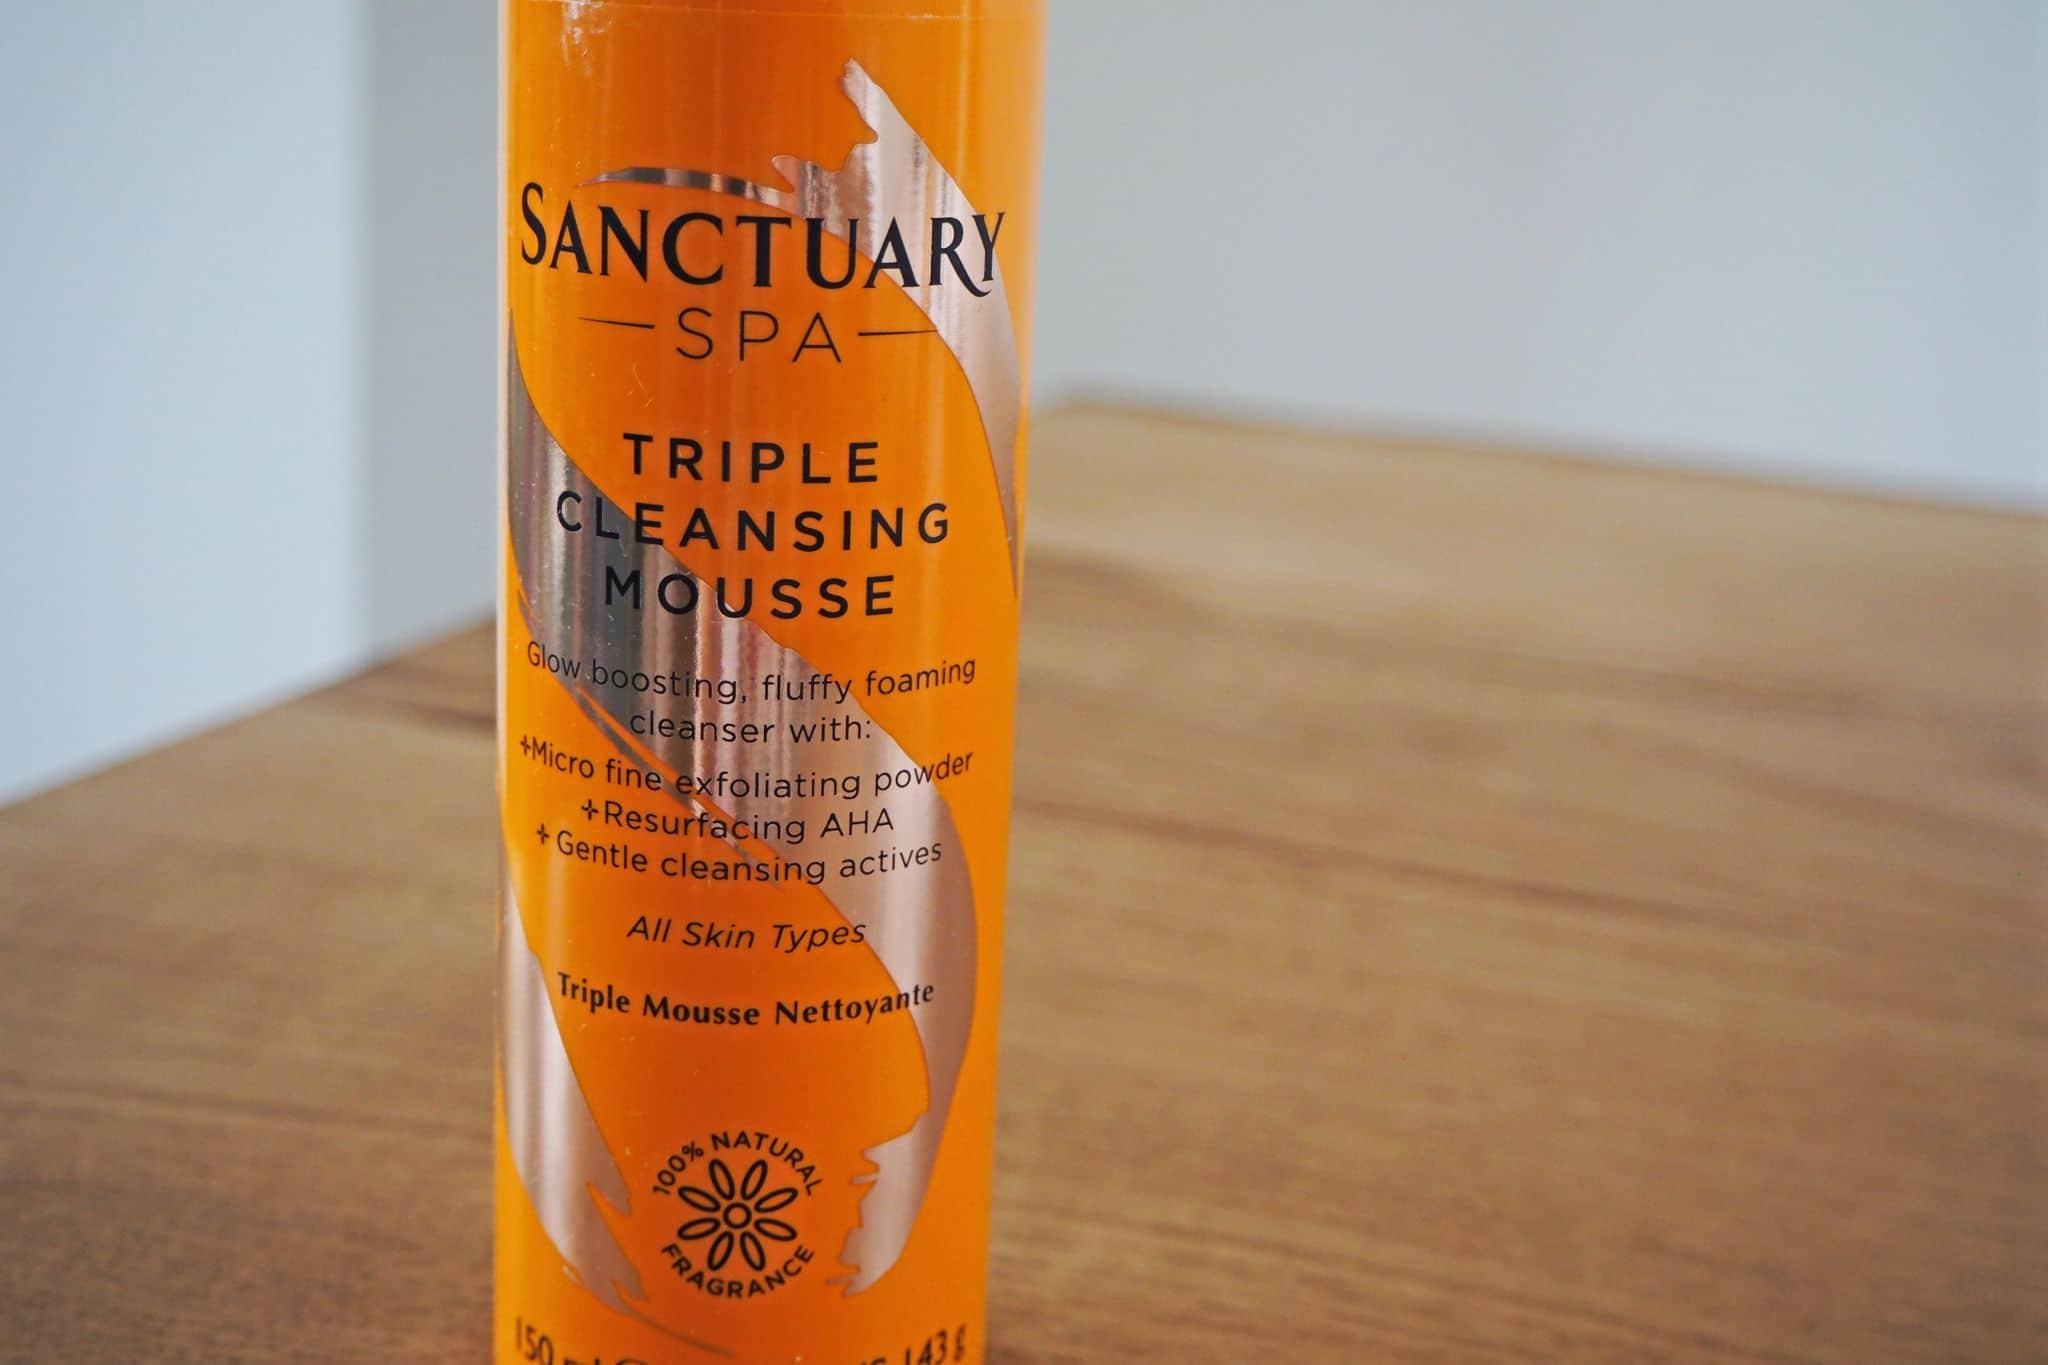 Triple Cleansing Mousse Sanctuary Spa